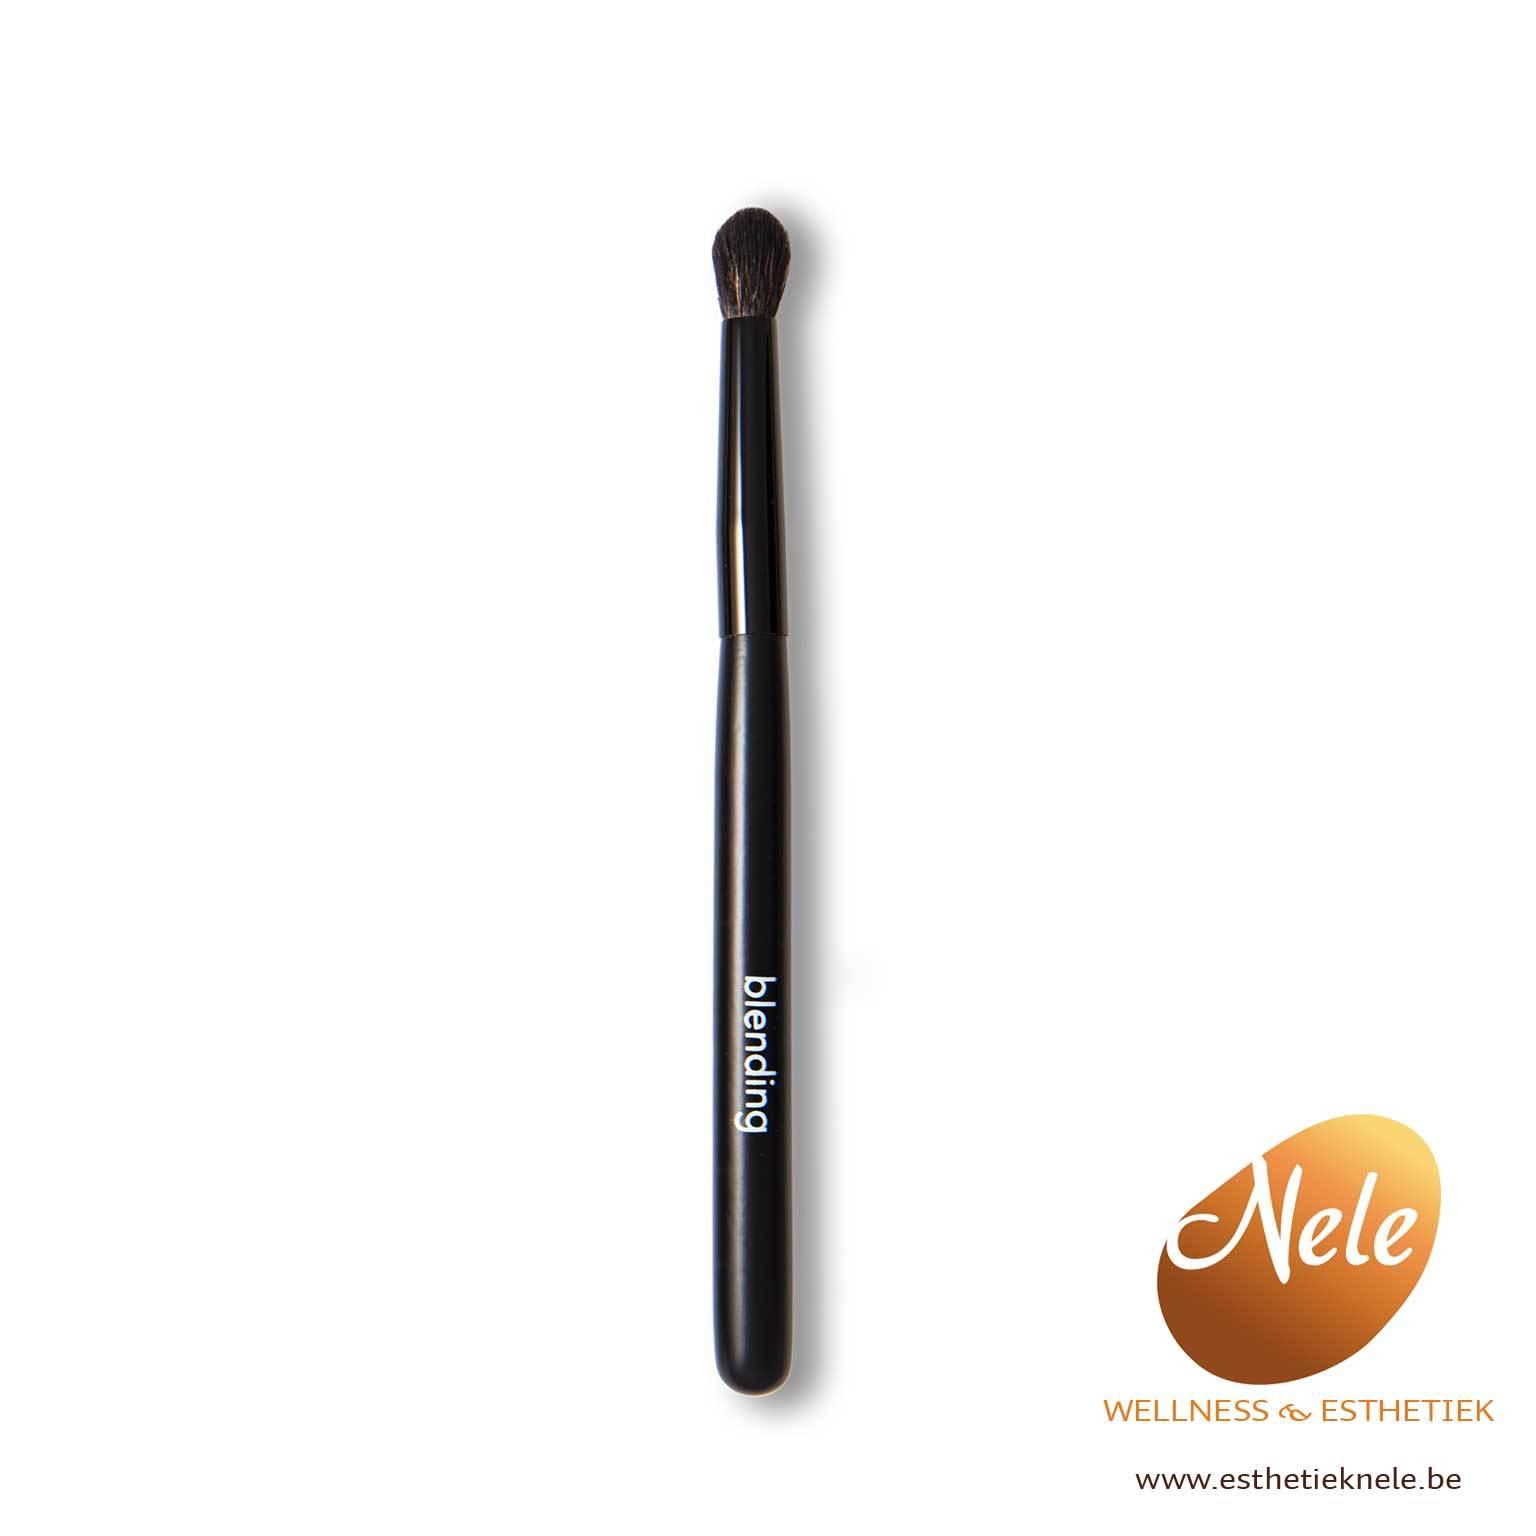 Mineralogie Minerale Make-up Blending Brush Wellness Esthetiek Nele